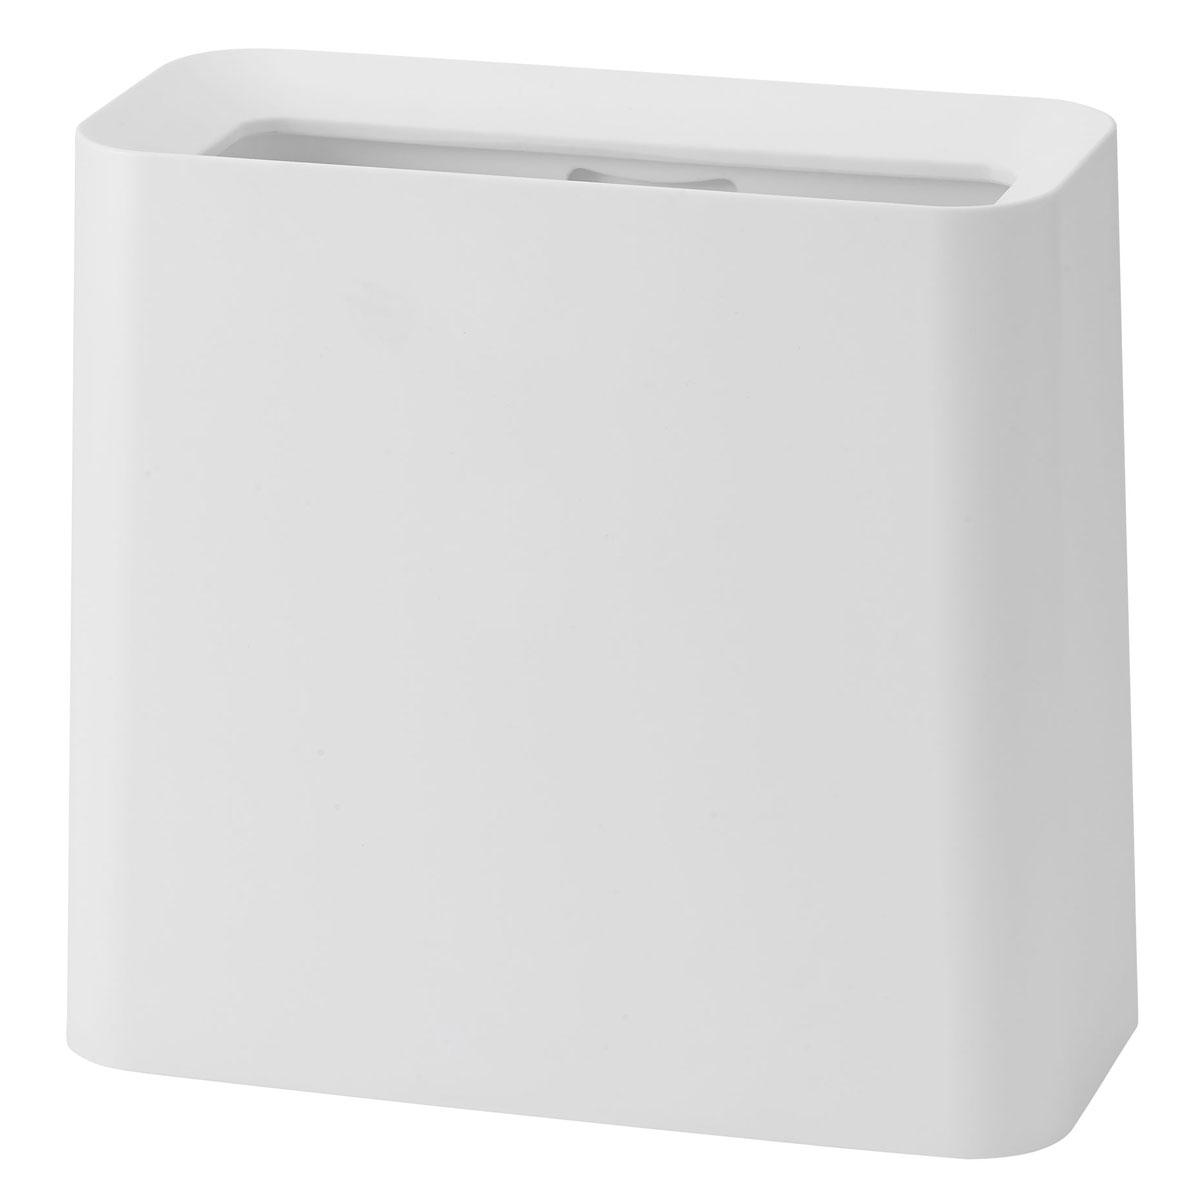 送料無料 ideacoのゴミ箱 新入荷 流行 チューブラー ハイグランデ マットホワイトがおしゃれ ゴミ箱 ideaco イデアコ Hi-GRANDE TUBELOR ダストボックス 送料無料カード決済可能 マットホワイト ごみ箱